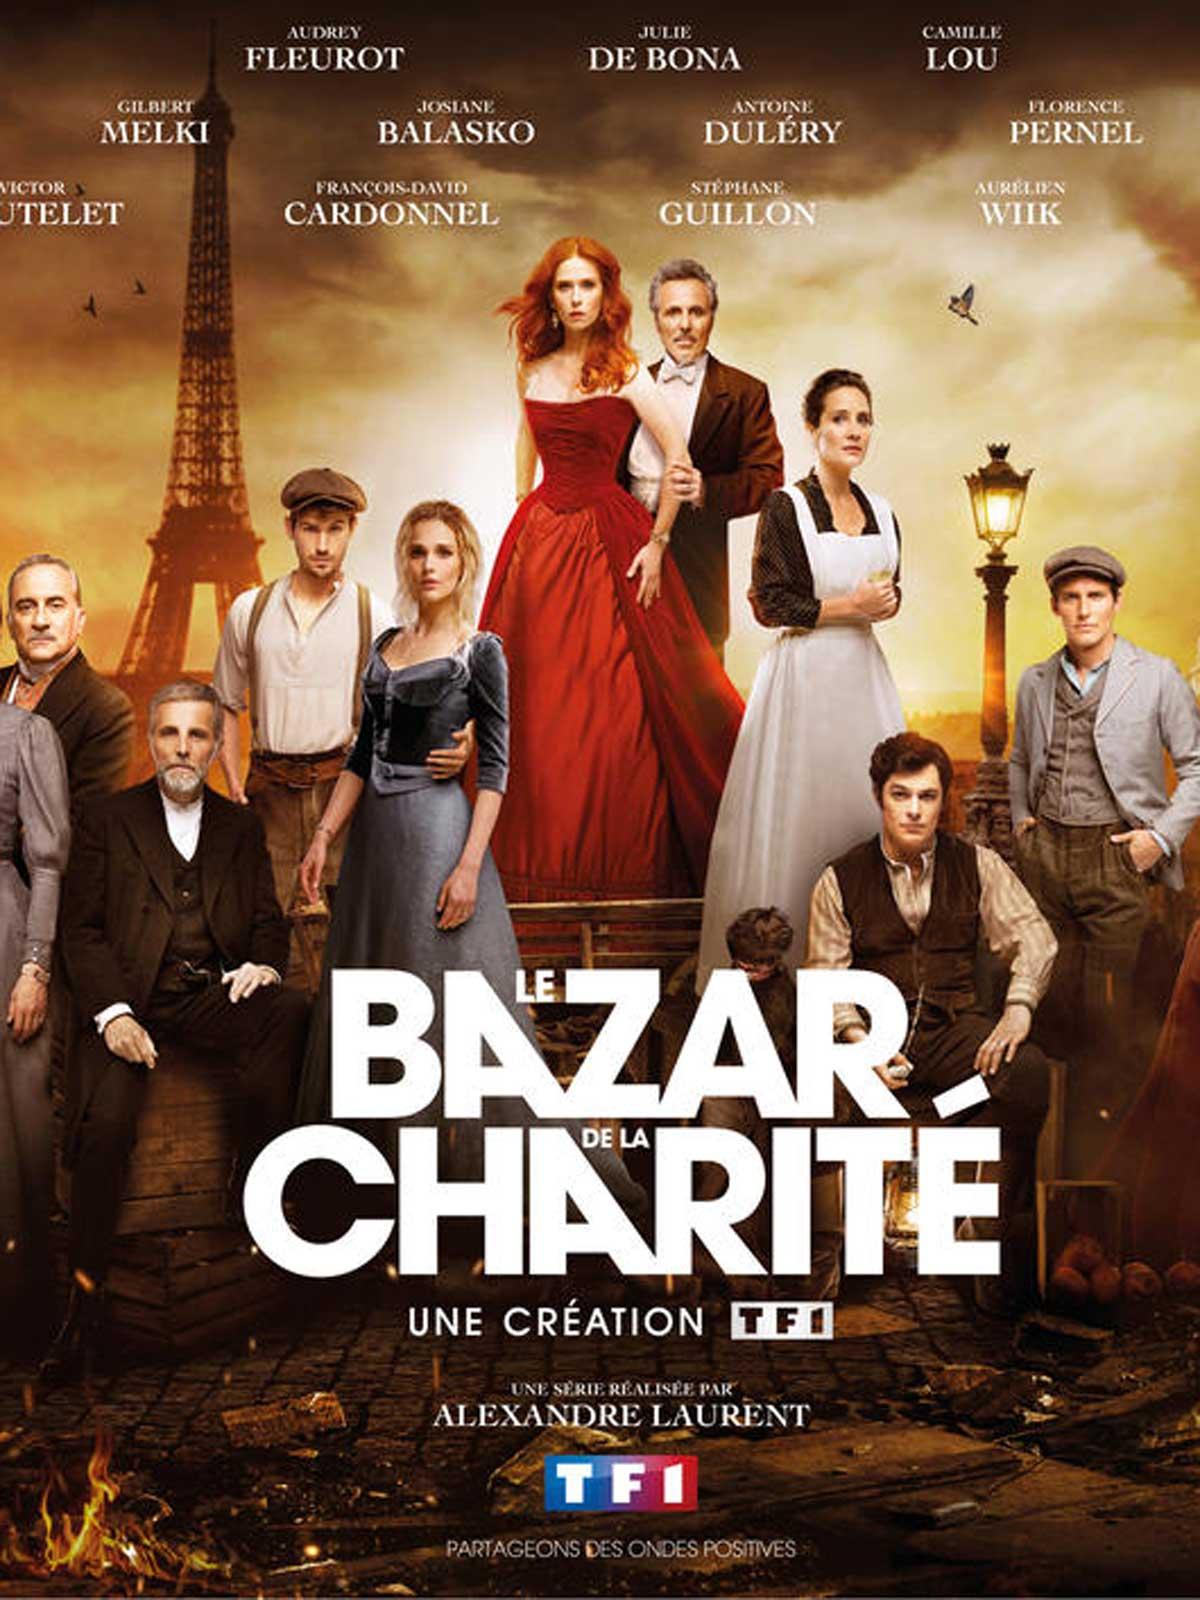 34 - Le Bazar de la charité